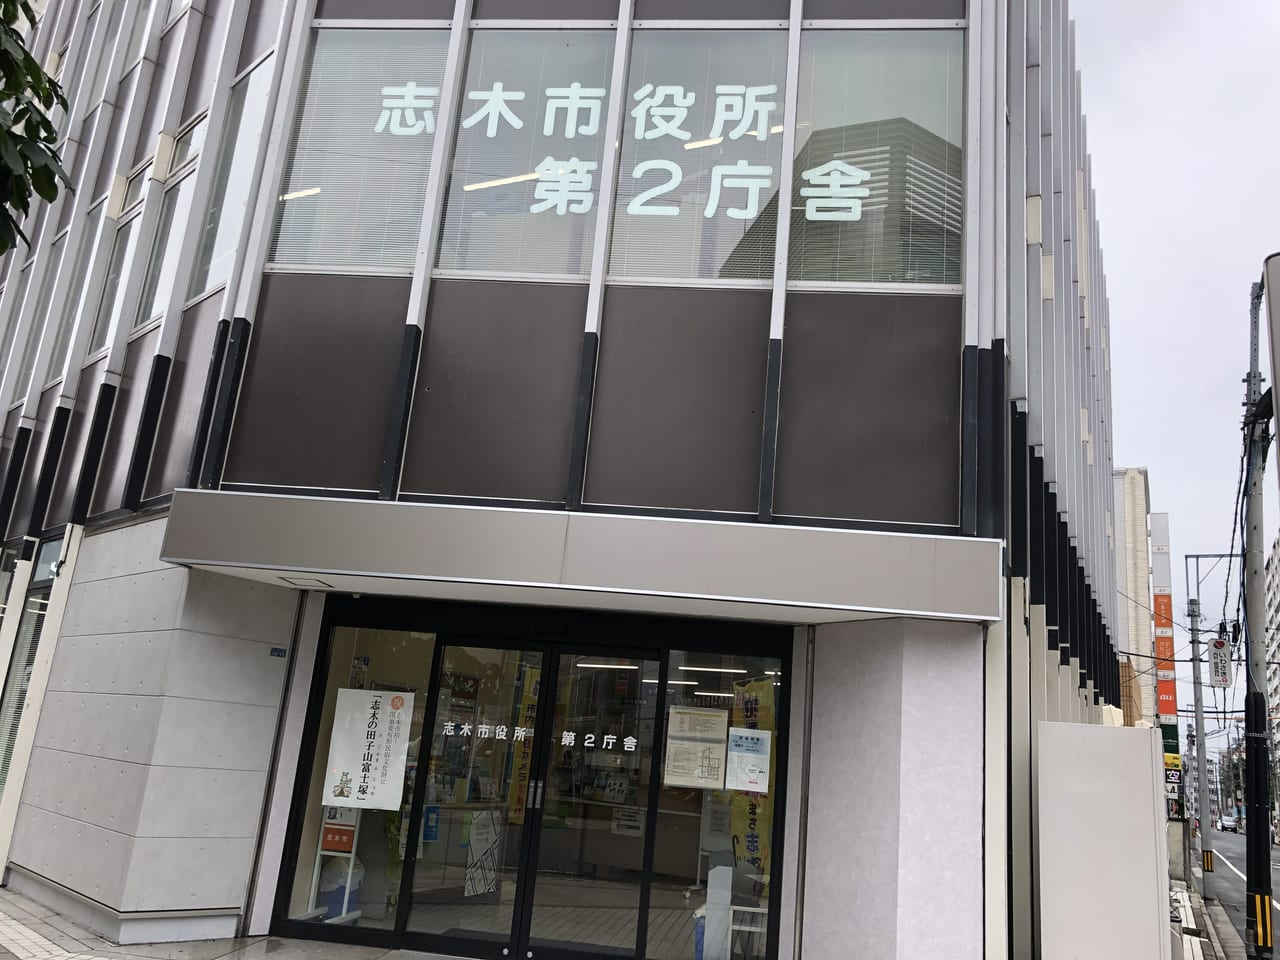 shikisiyakusyo